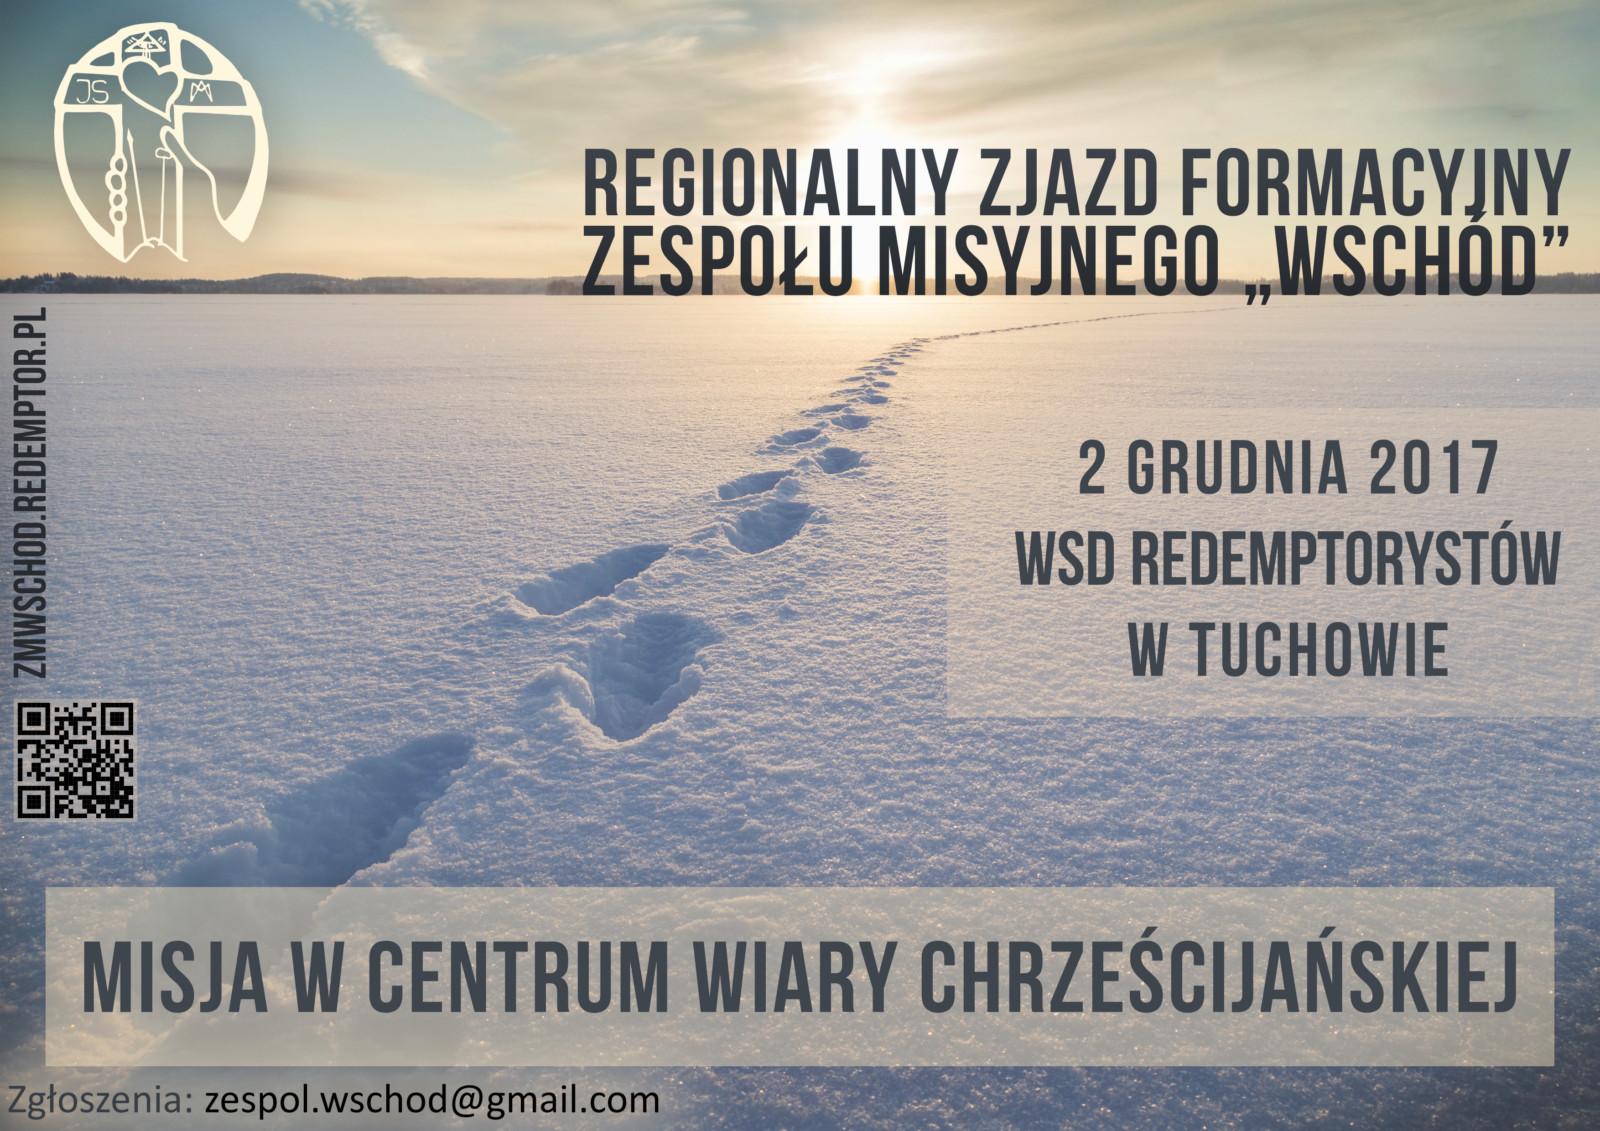 Plakat na zjazd formacyjny ZM Wschód - grudzień 2017